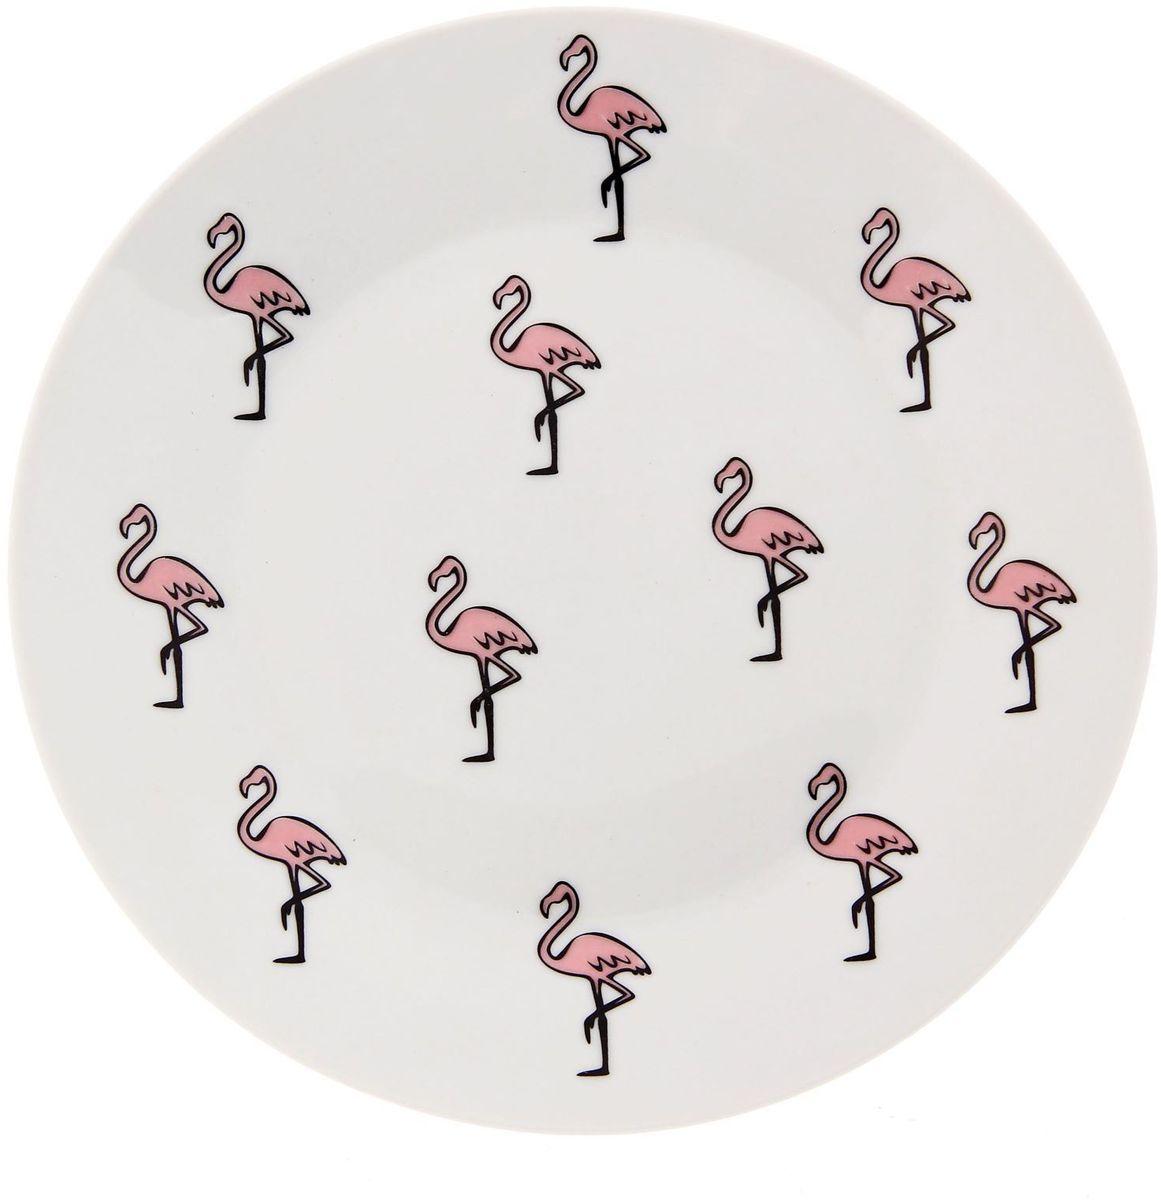 Тарелка мелкая Сотвори чудо Розовый фламинго, диаметр 20 см тарелка мелкая сотвори чудо бананы диаметр 20 см